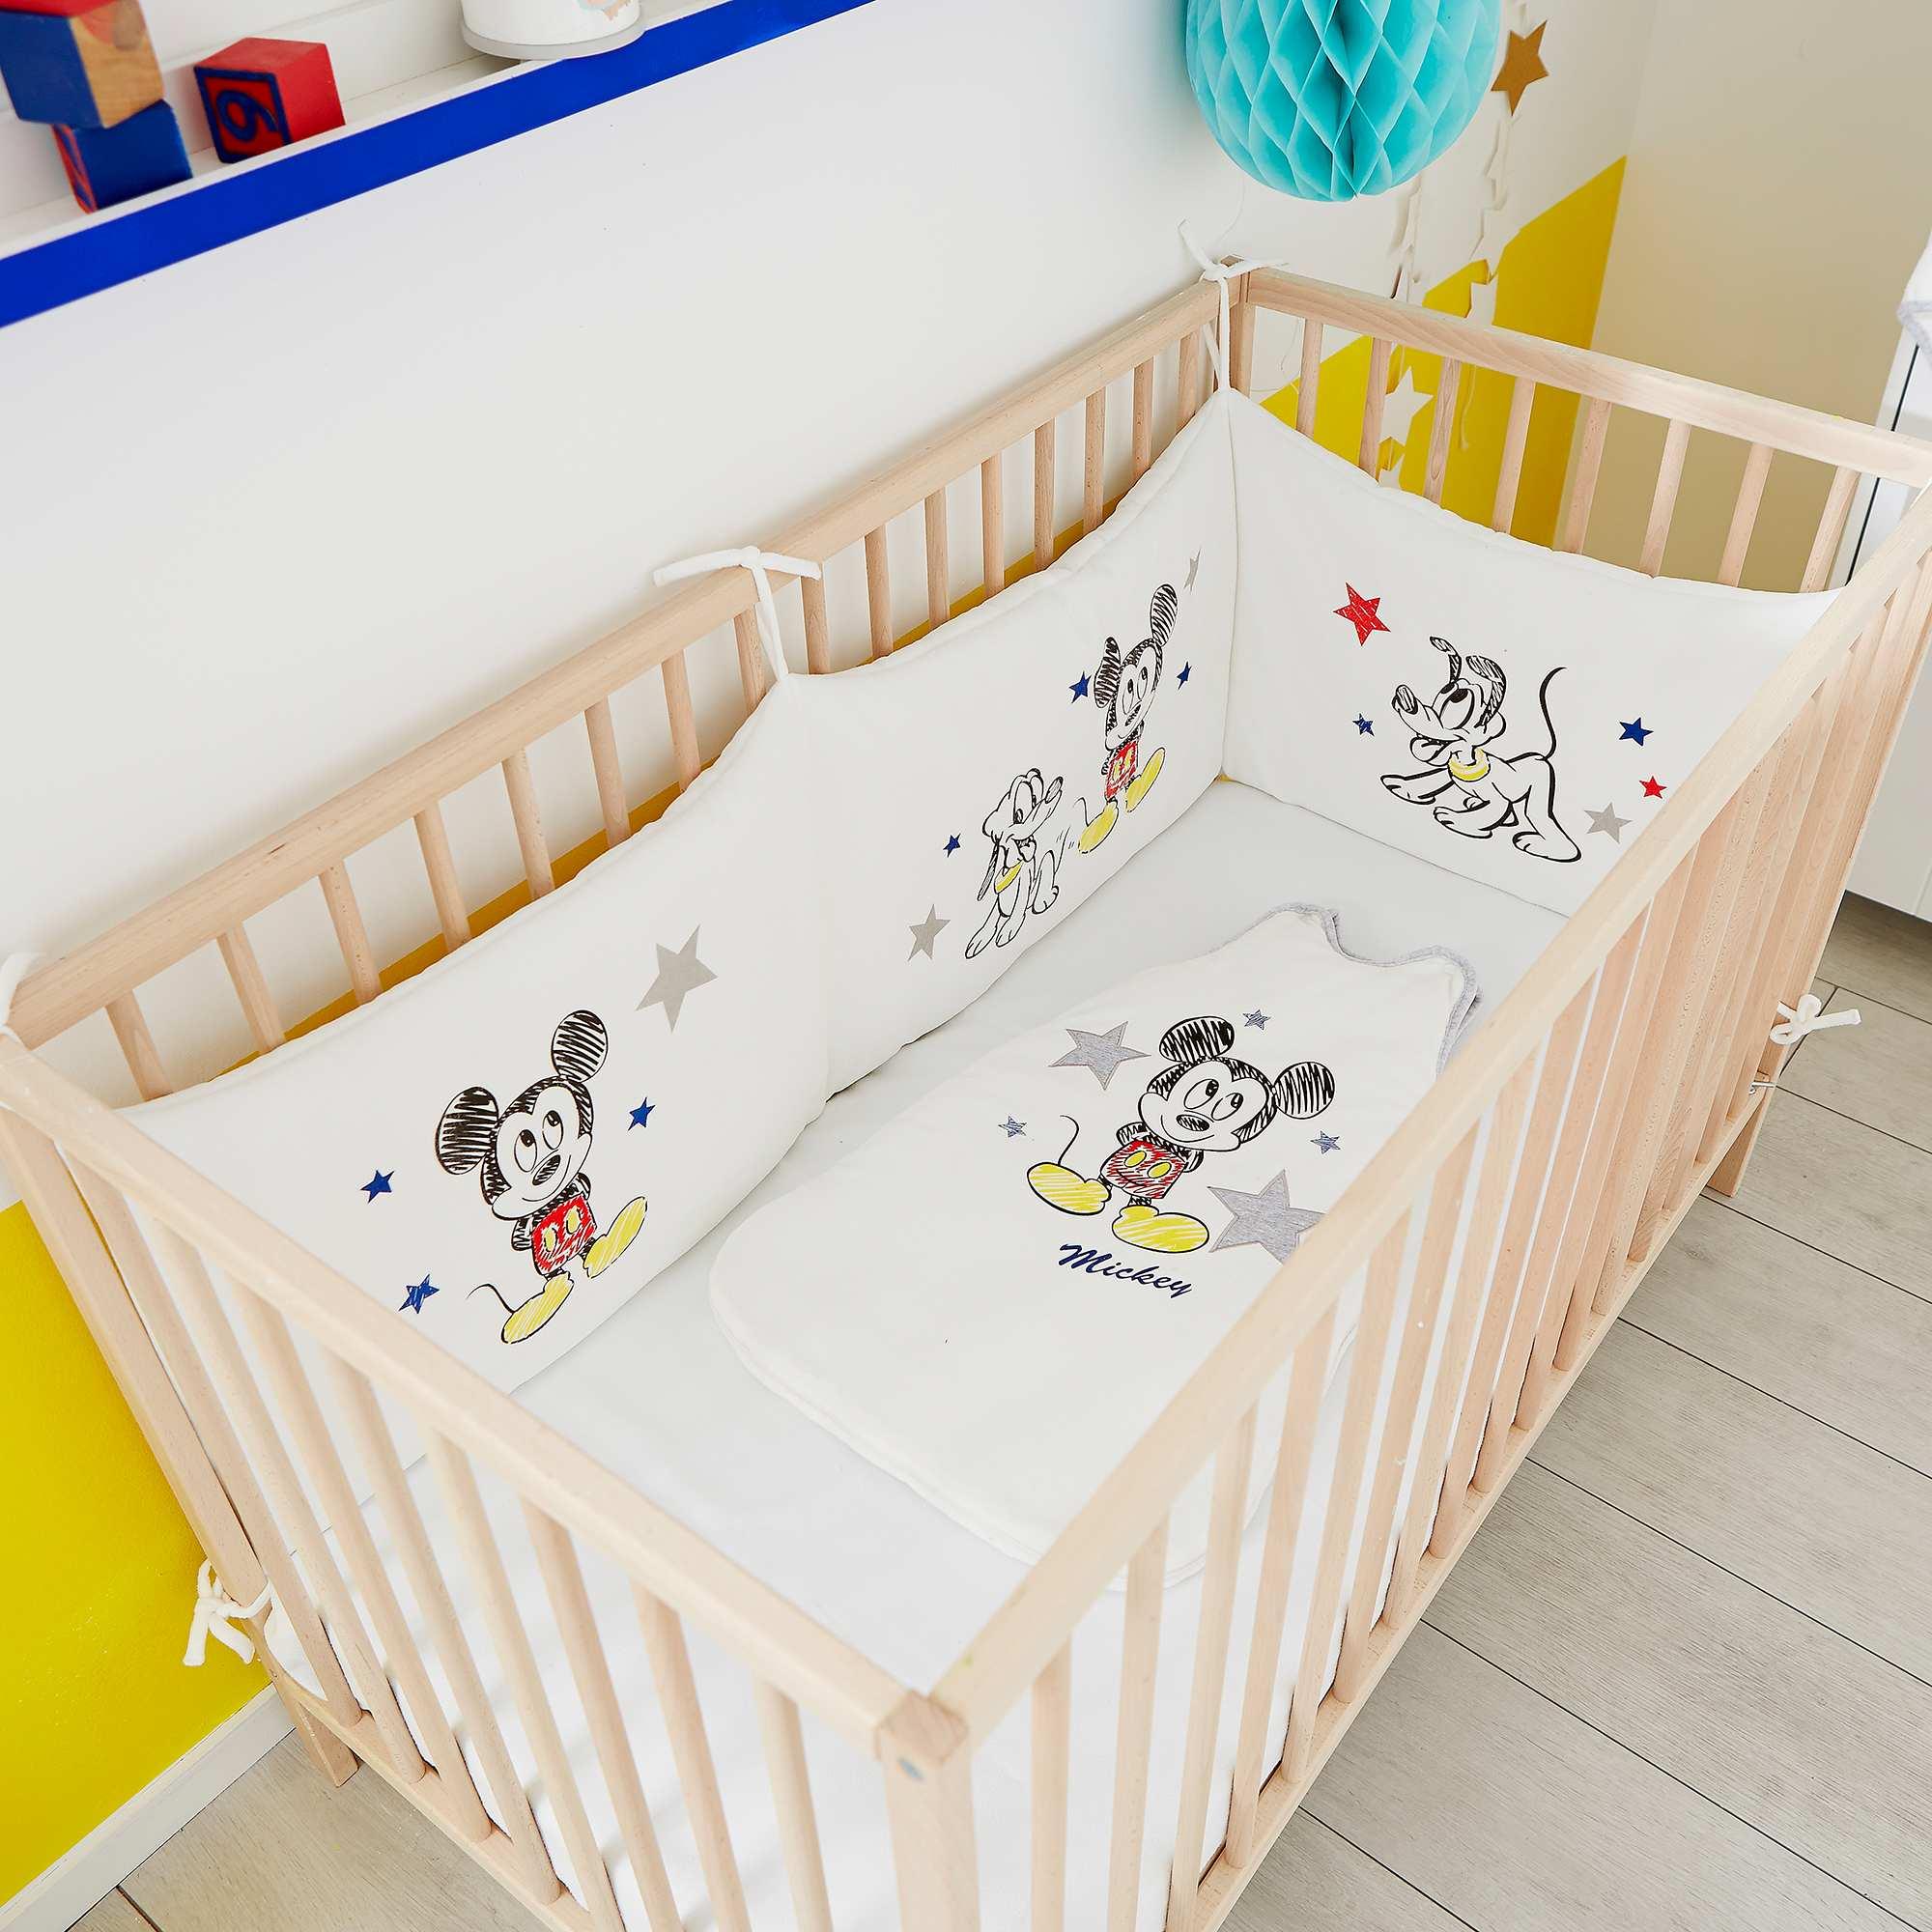 tour de lit de bébé Tour de lit velours 'Mickey' Bébé garçon   Mickey   Kiabi   30,00€ tour de lit de bébé